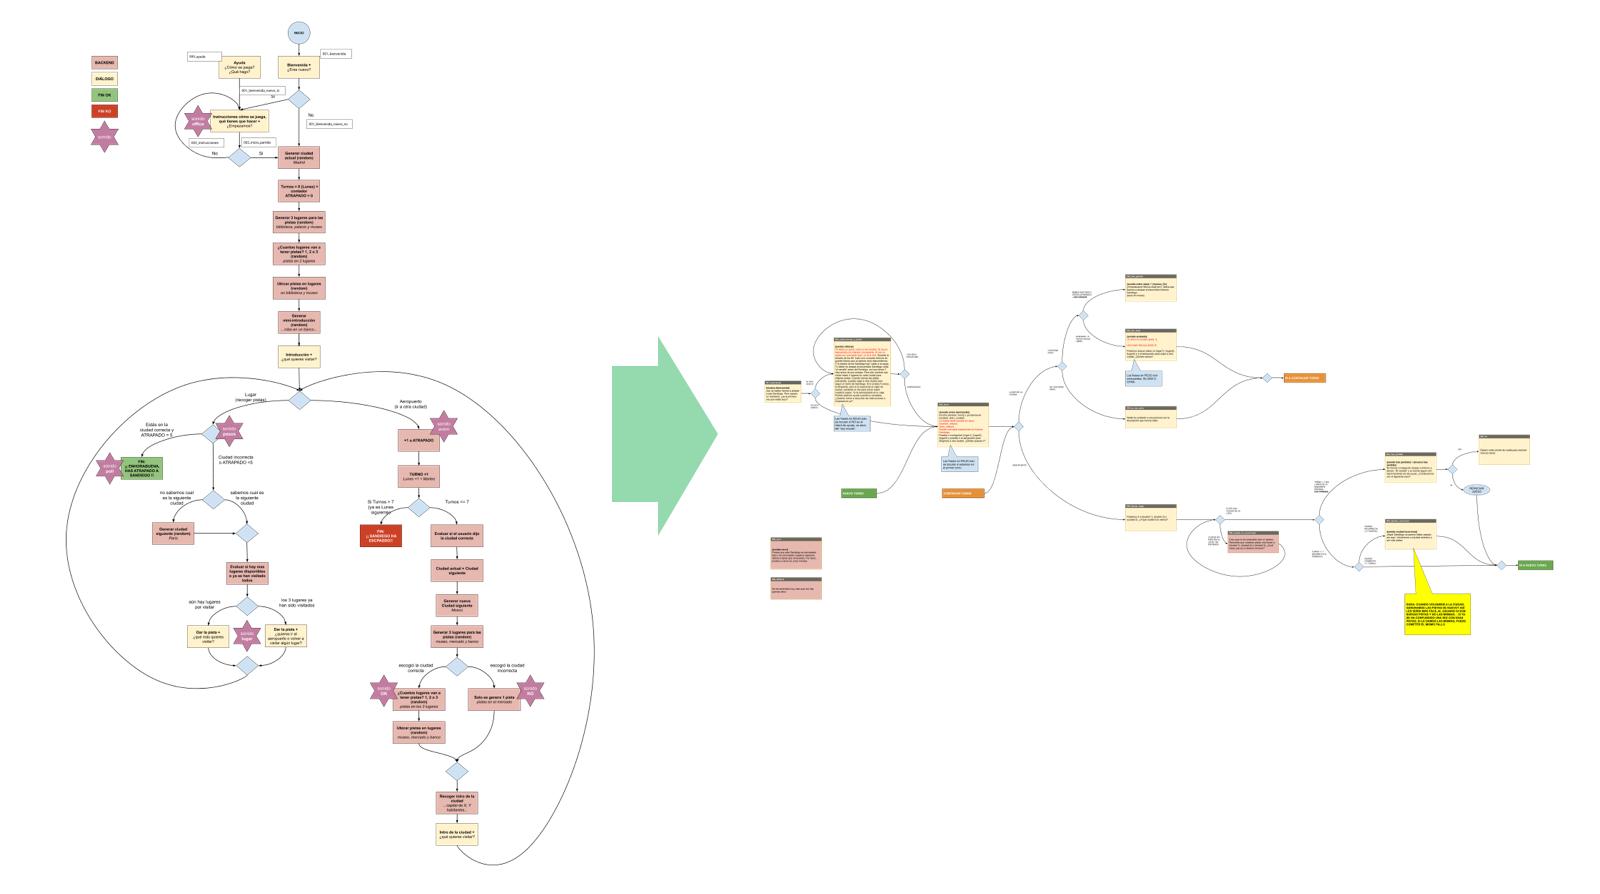 Transformación de un diagrama de flujo a conversación